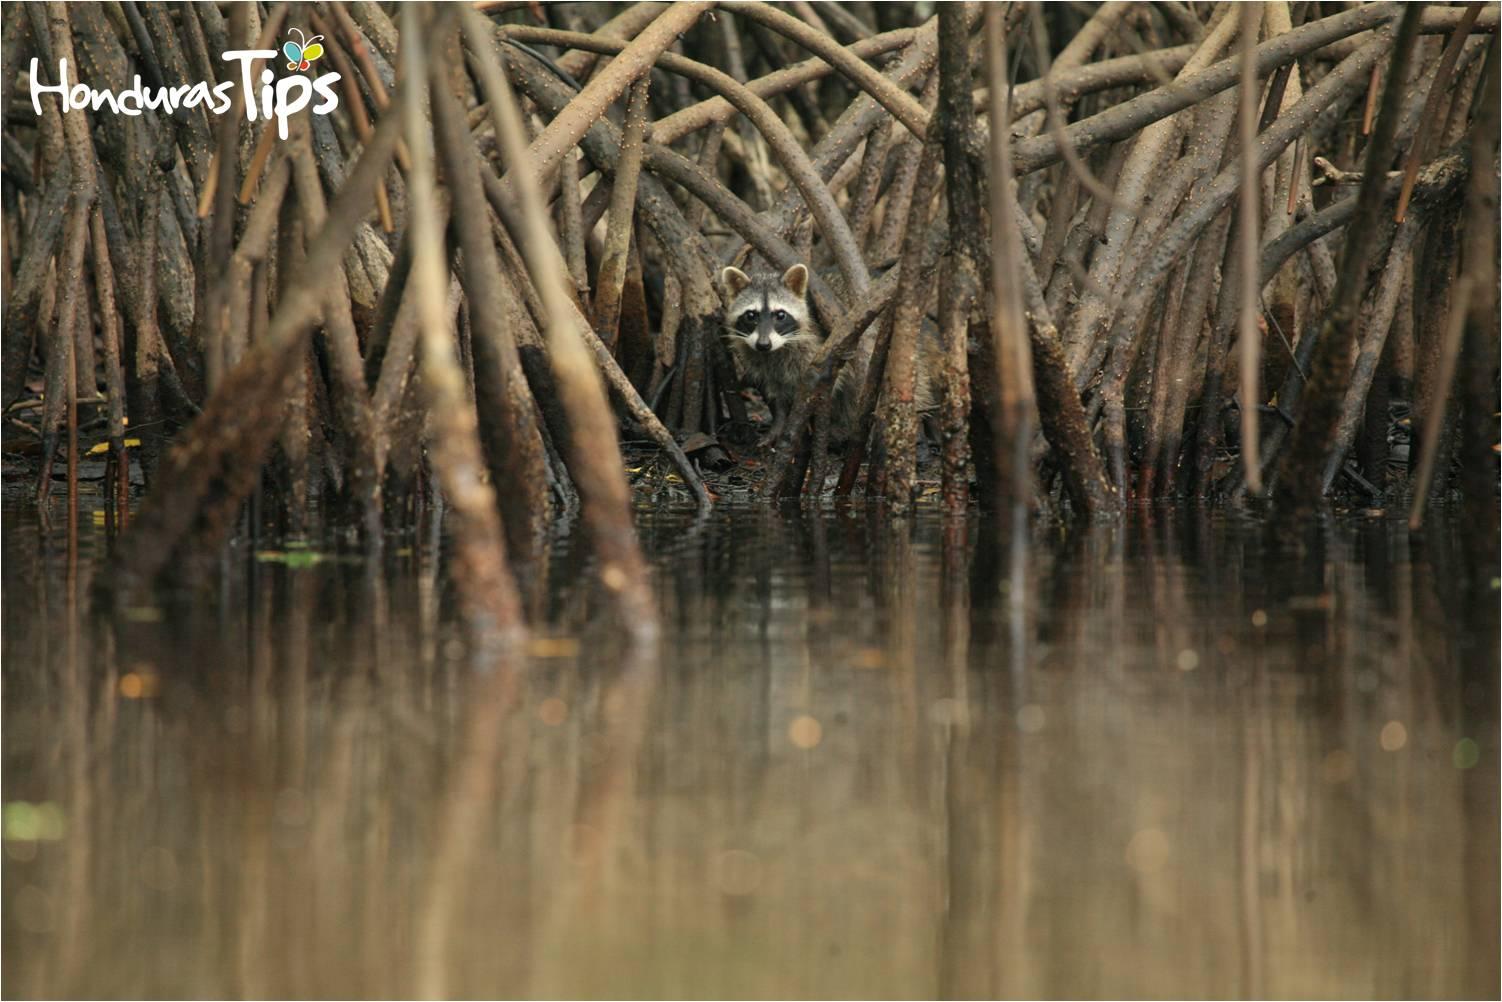 En Cuero y Salado también podrá apreciar los manglares y una que otra especie de la fauna del refugio, en esta imagen se pudo captar a un mapache rodando el área.